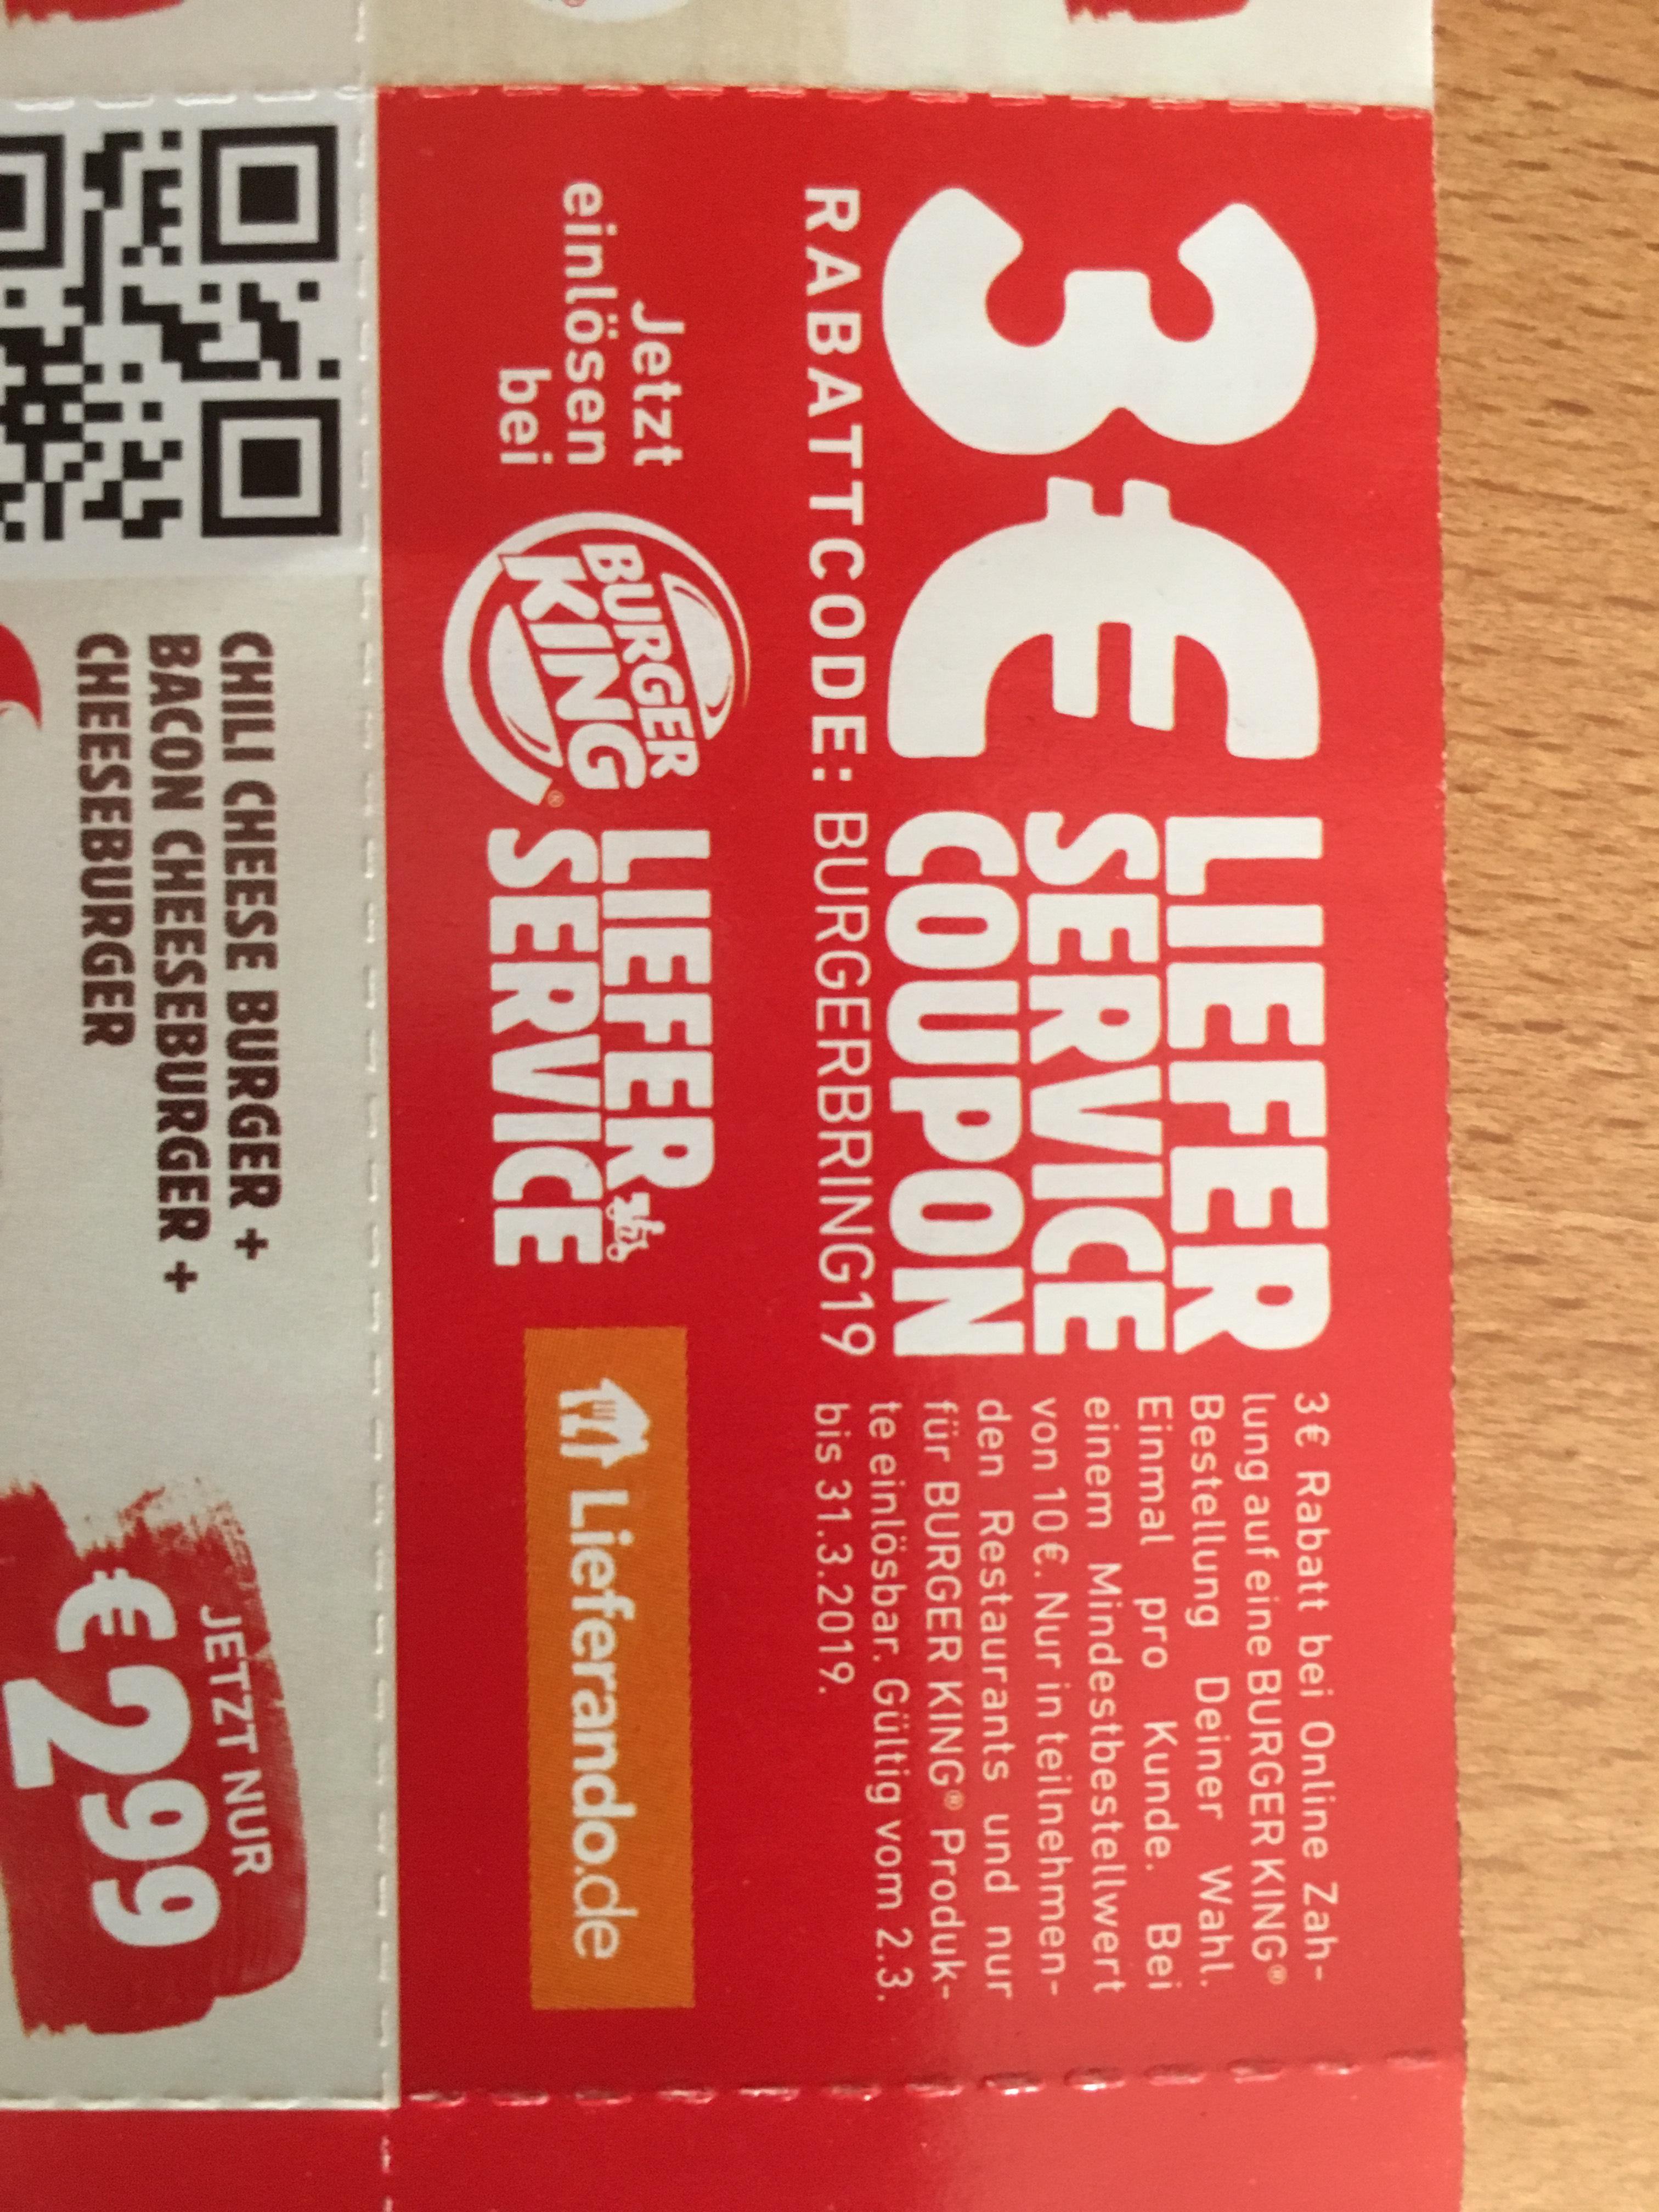 3€ Lieferando Gutschein für Burger King